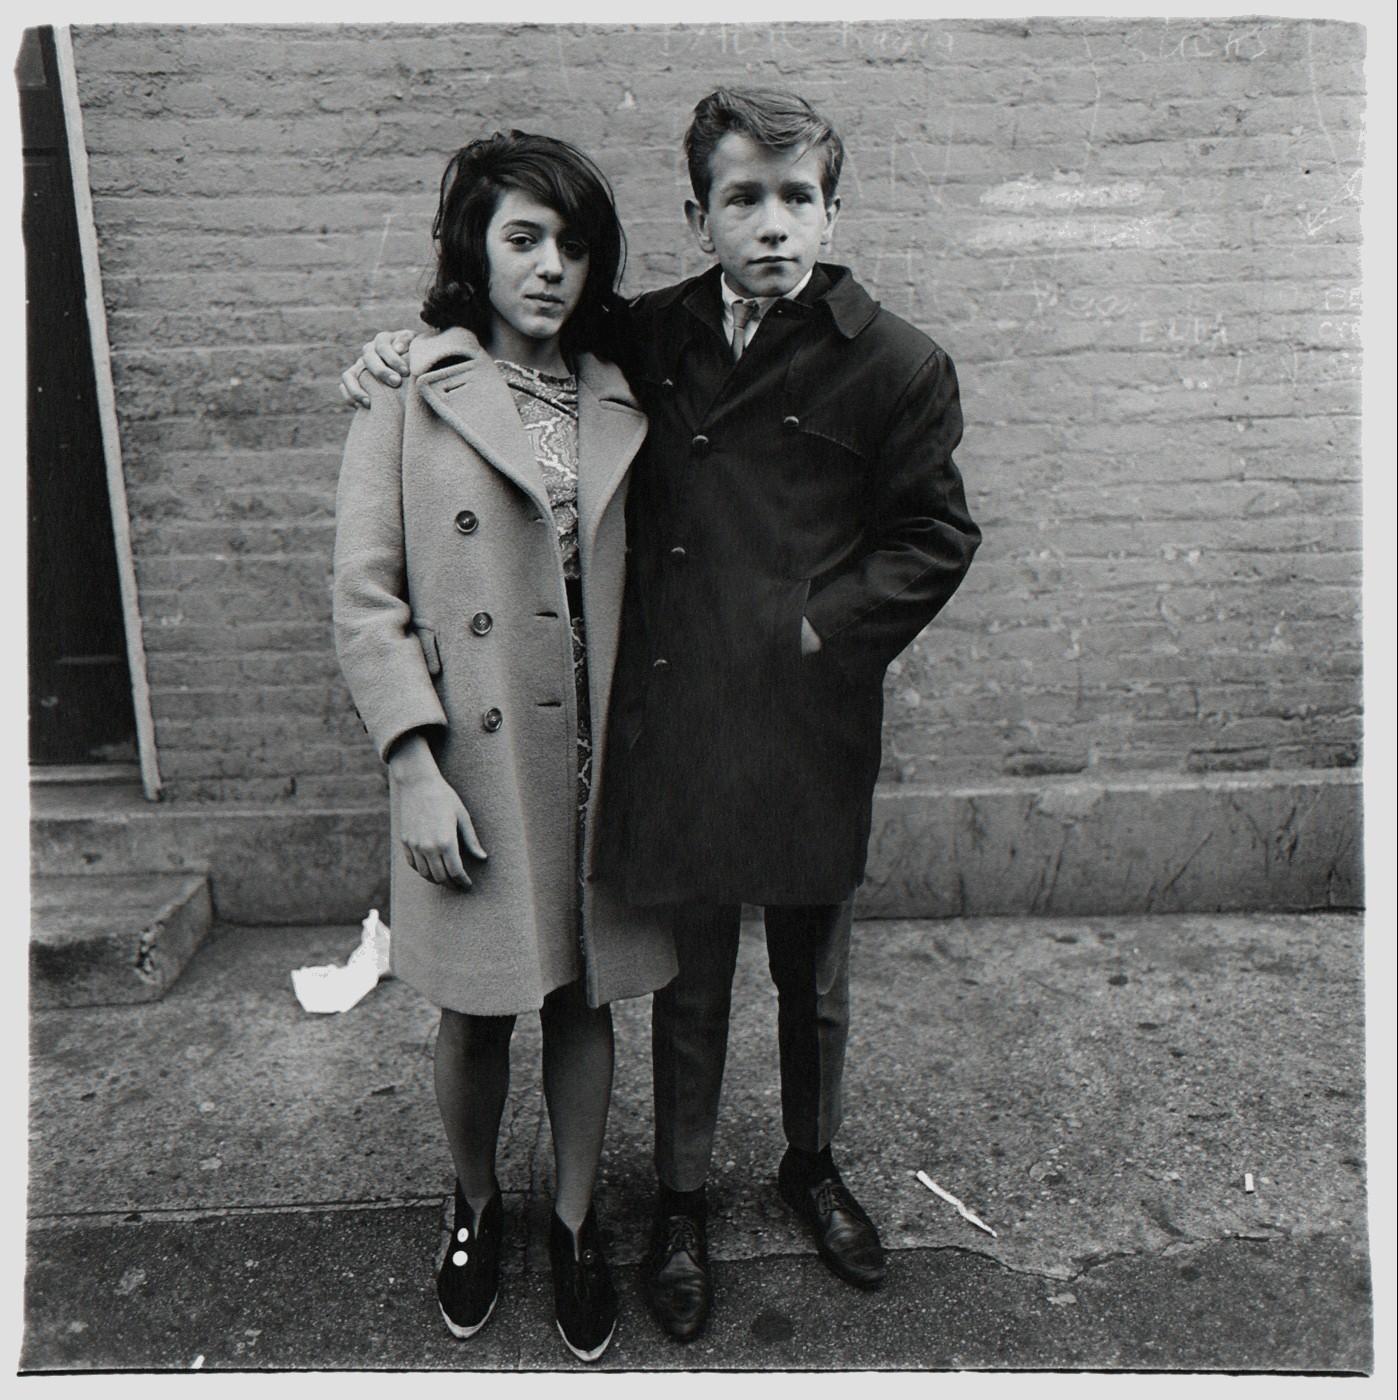 Подростковая пара на Гудзон-стрит, Нью-Йорк, 1963. Фотограф Диана Арбус